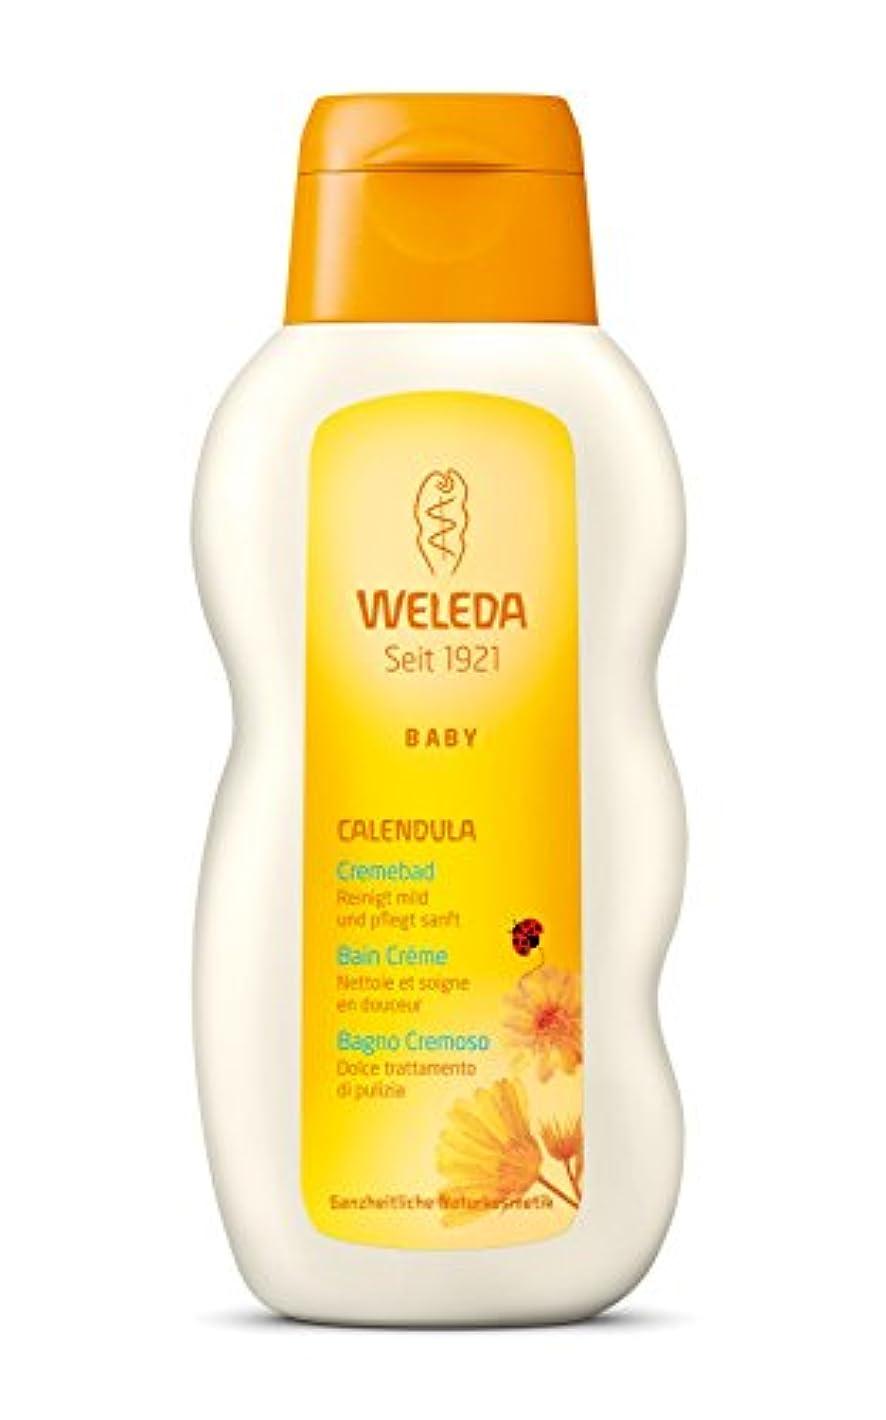 WELEDA(ヴェレダ) カレンドラ ベビークリームバスミルク 200ml 【生まれたての赤ちゃんから使用できます】